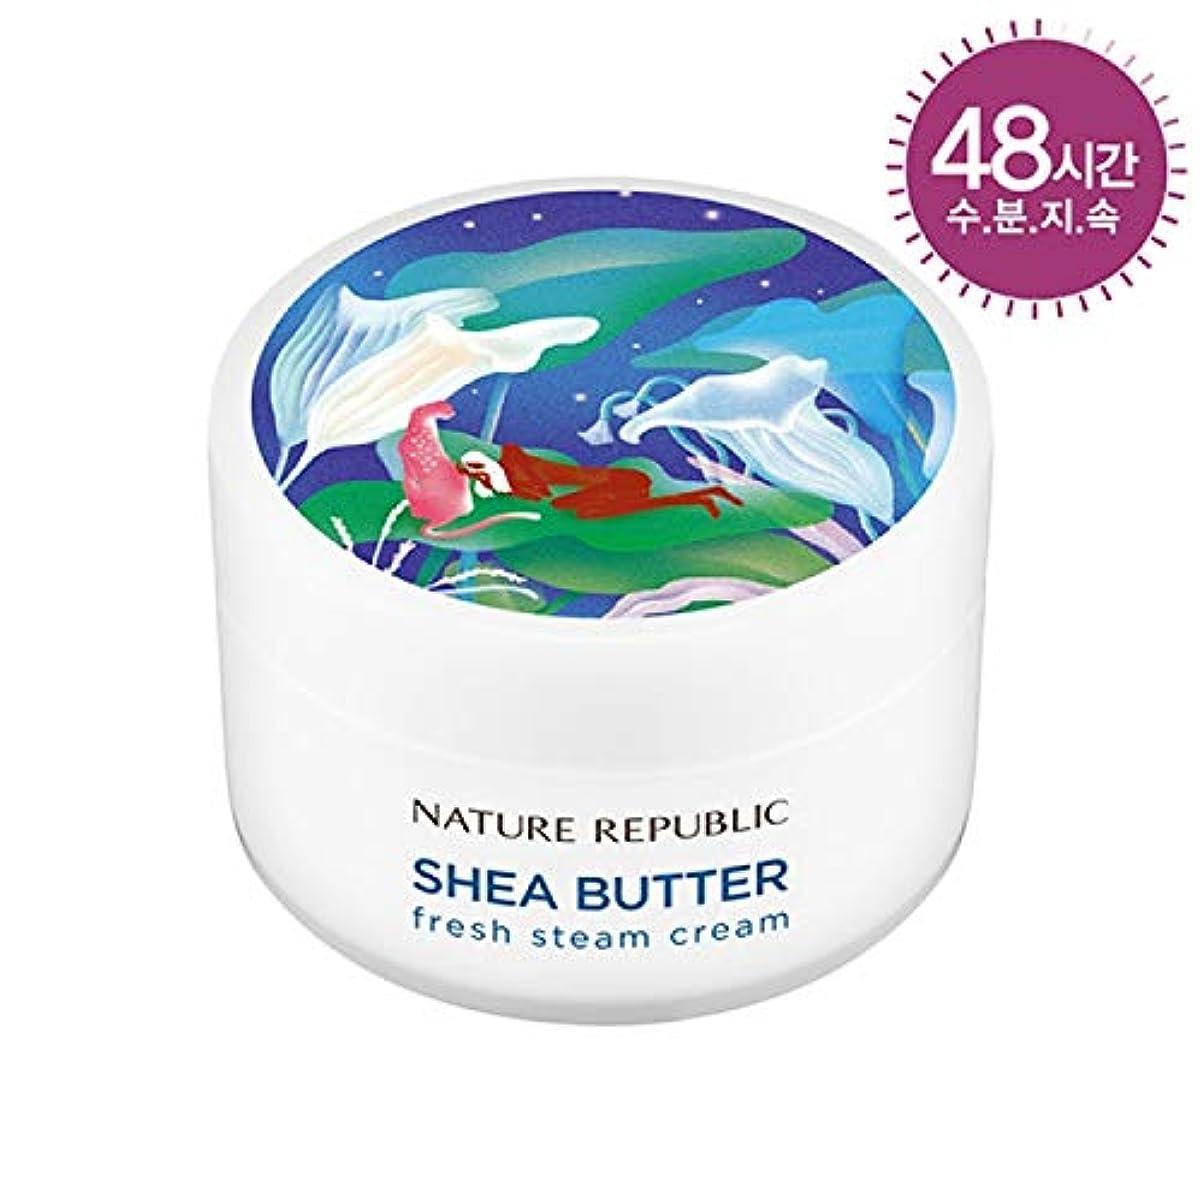 突き刺す間に合わせベリーネイチャーリパブリック(Nature Republic)シェアバタースチームクリームフレッシュ(混合肌用) 100ml / Shea Butter Steam Cream 100ml (Fresh) :: 韓国コスメ [...